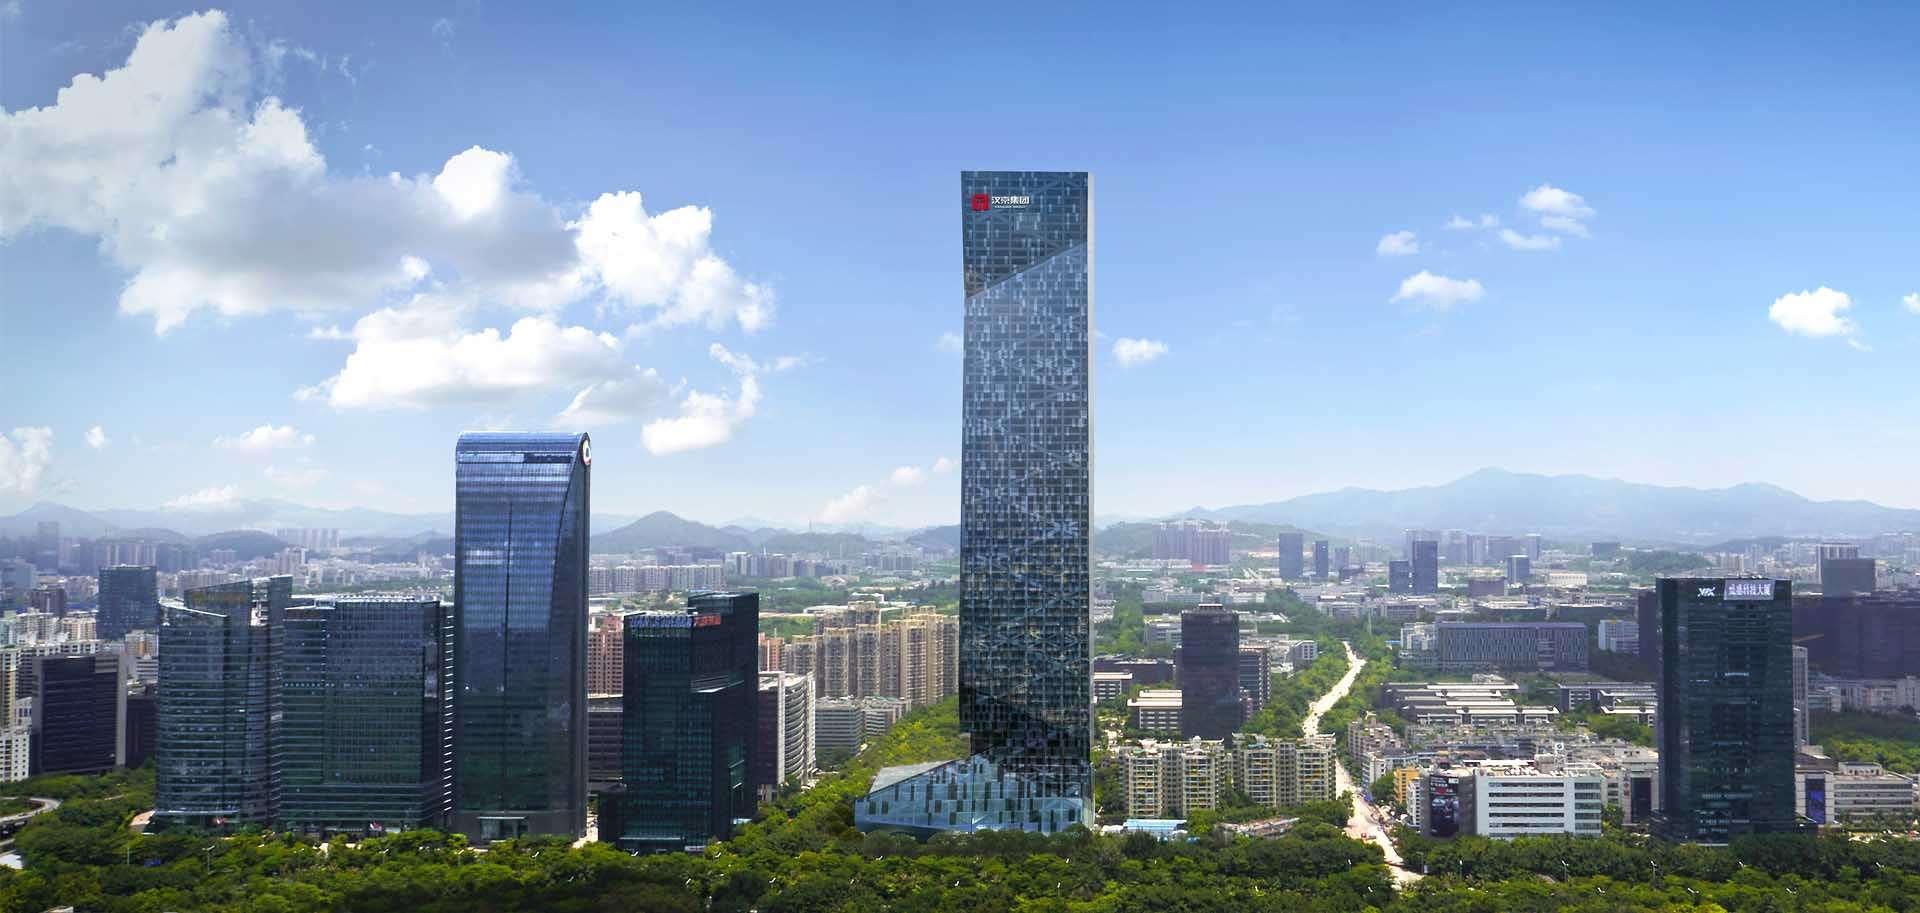 深圳第一高楼又要变了:龙岗将开建668米摩天大楼打造新增长极!